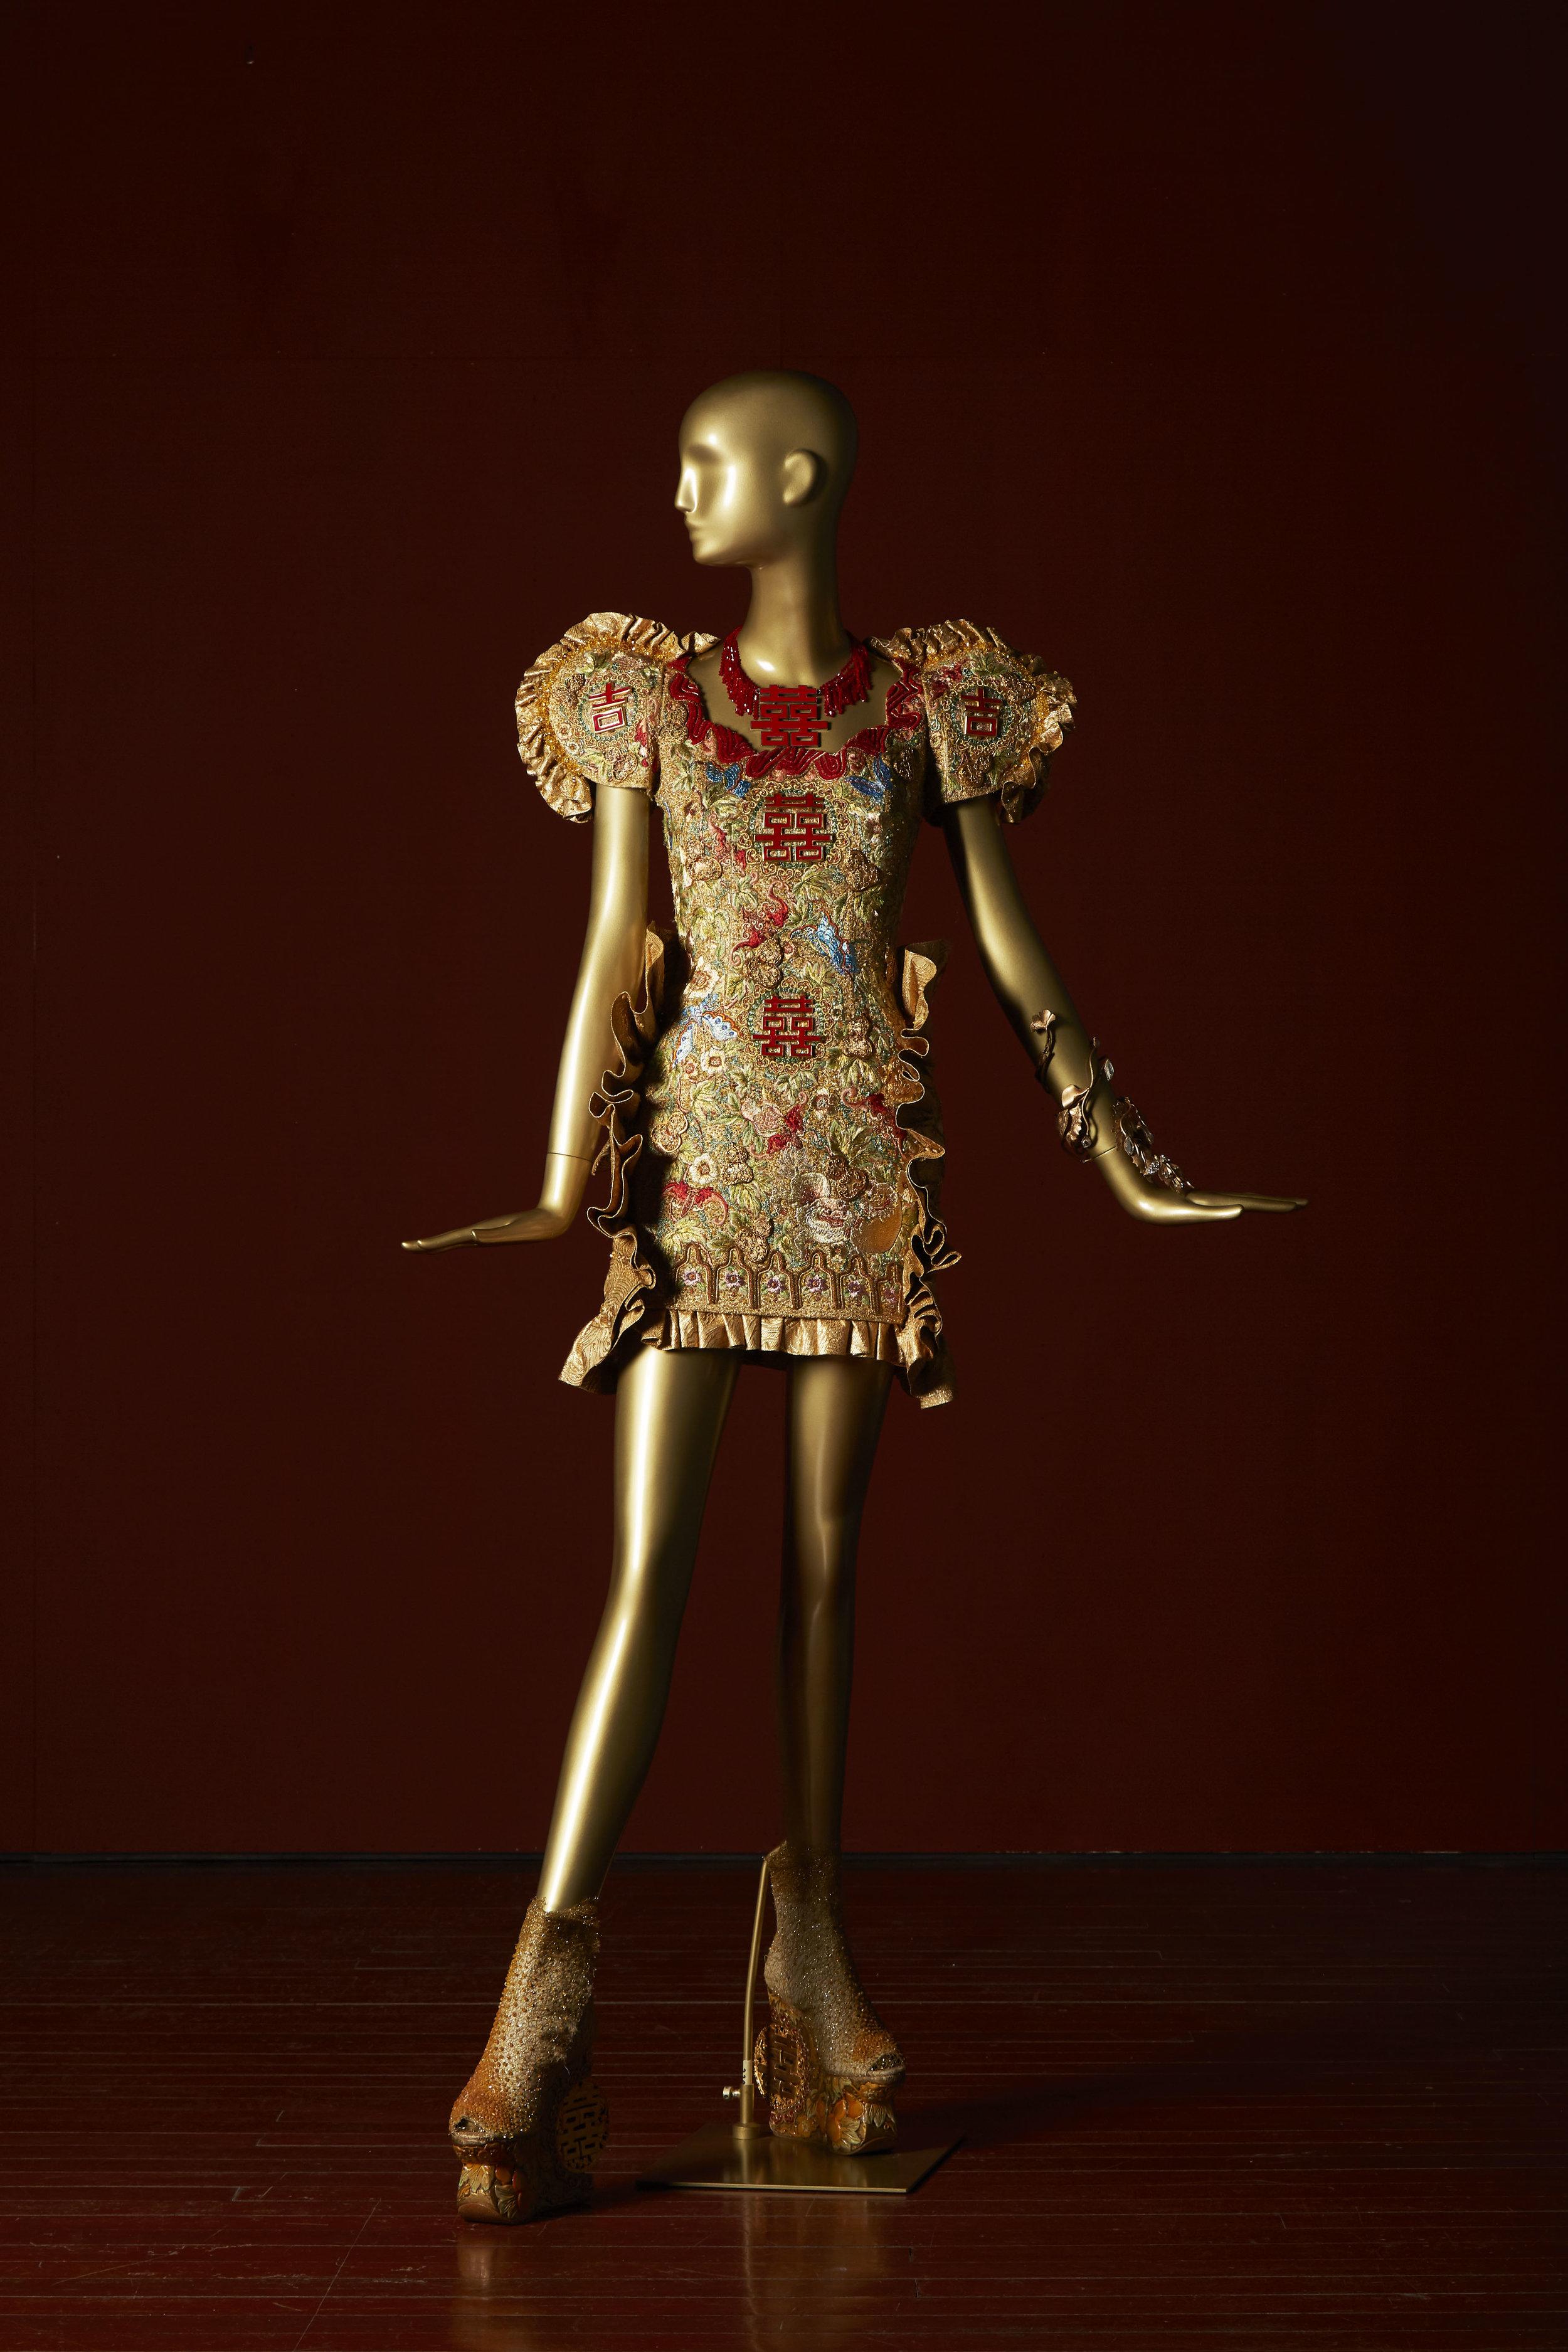 来自「龙的故事」系列  Guo Pei, Legend of the Dragon Collection China, Beijing, 2012 Silk fabric, Swarovski crystals, gold thread, silk thread, metal wire, 130 x 100 x 100 cm 3,000 hours Collection of Guo Pei Image courtesy of Asian Civilisations Museum.